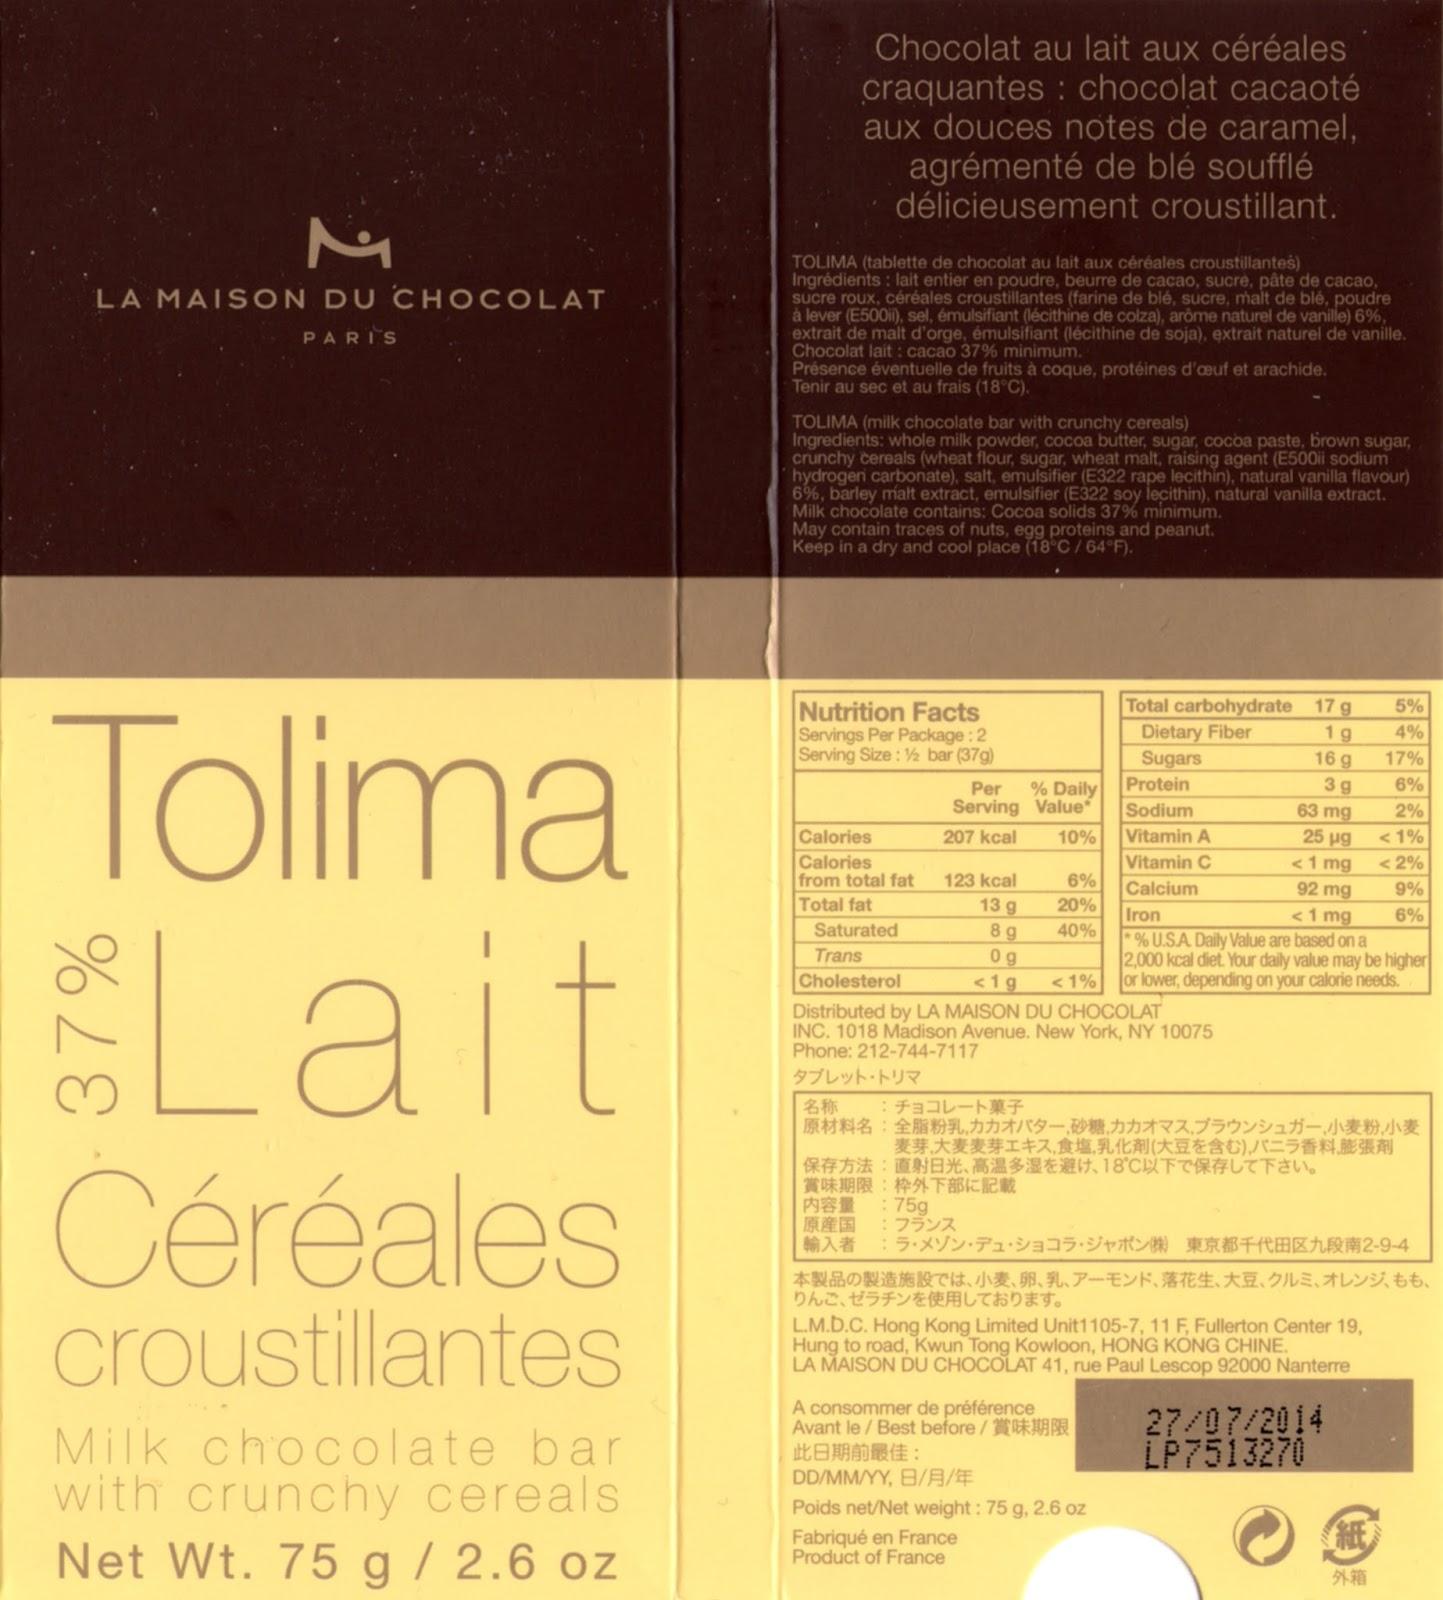 tablette de chocolat lait gourmand la maison du chocolat tolima lait céréales croustillantes 37